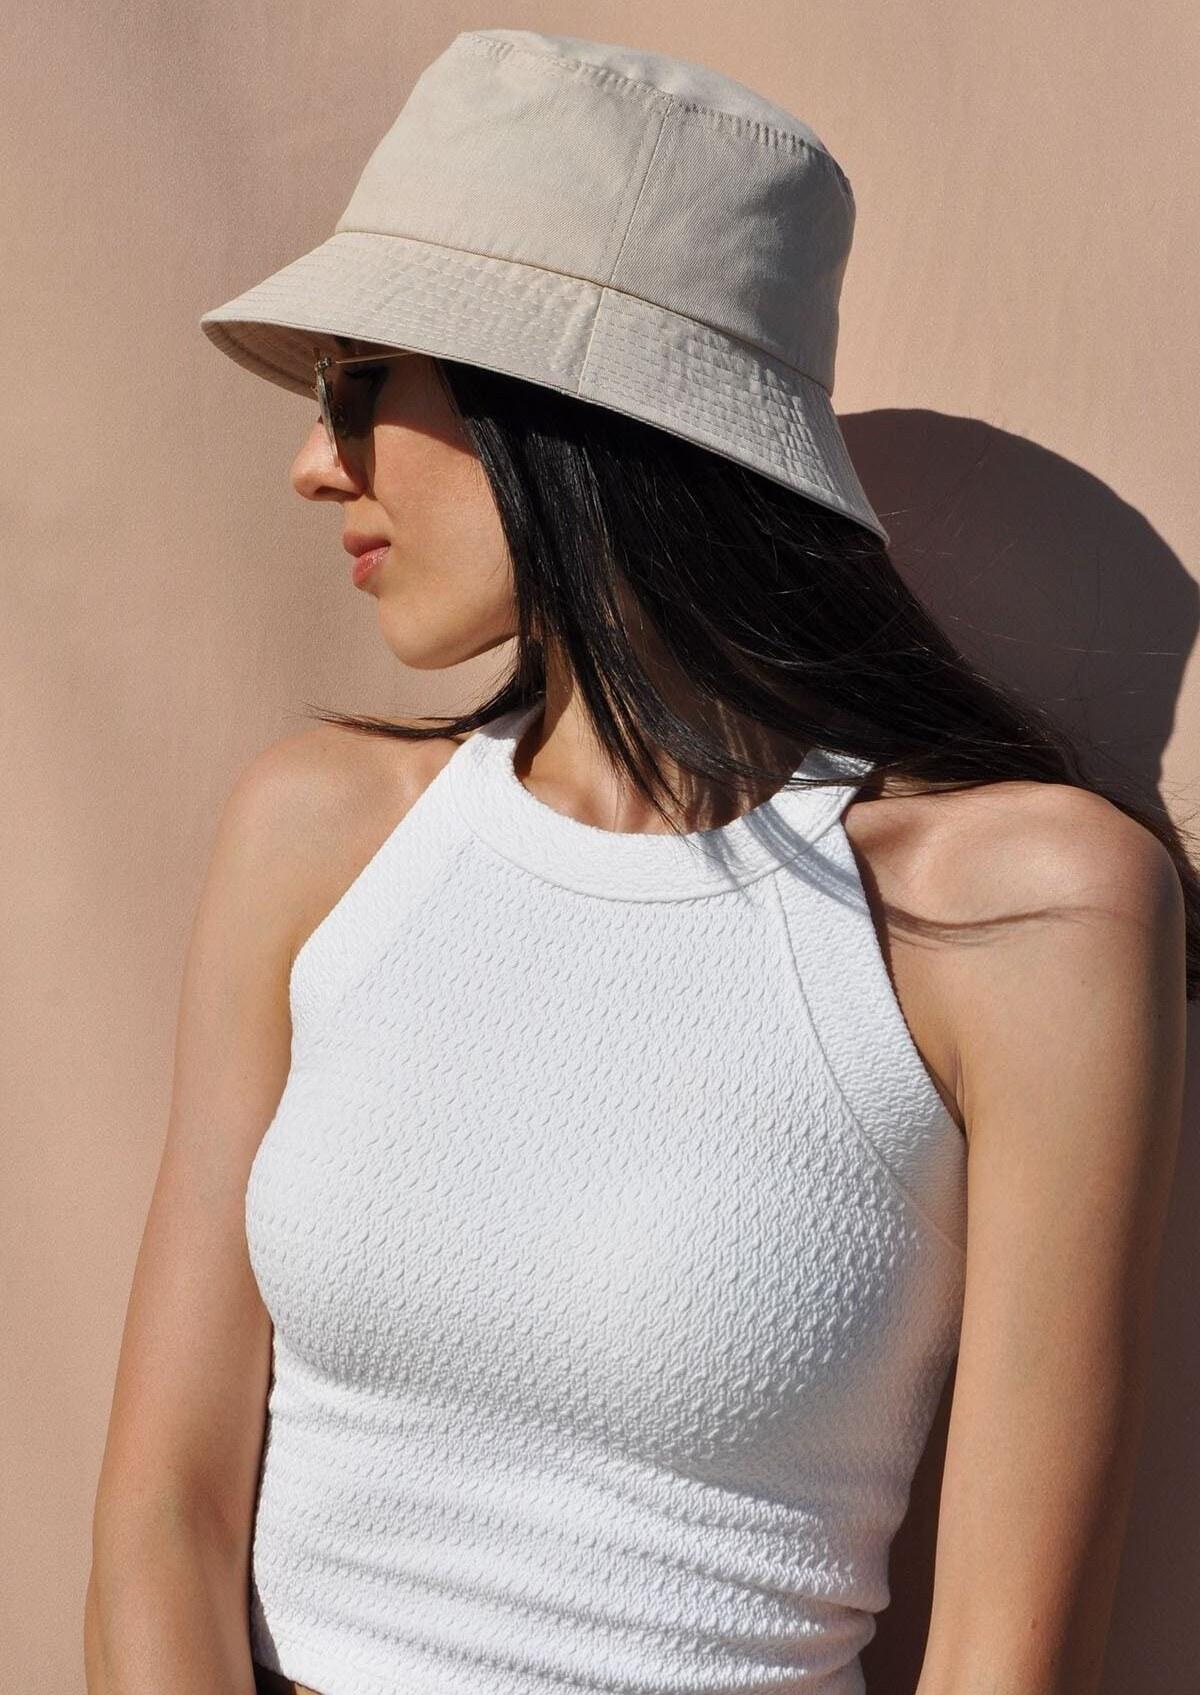 تصویر کلاه زنانه اسکی بژ برند Mozto کد 1616436781